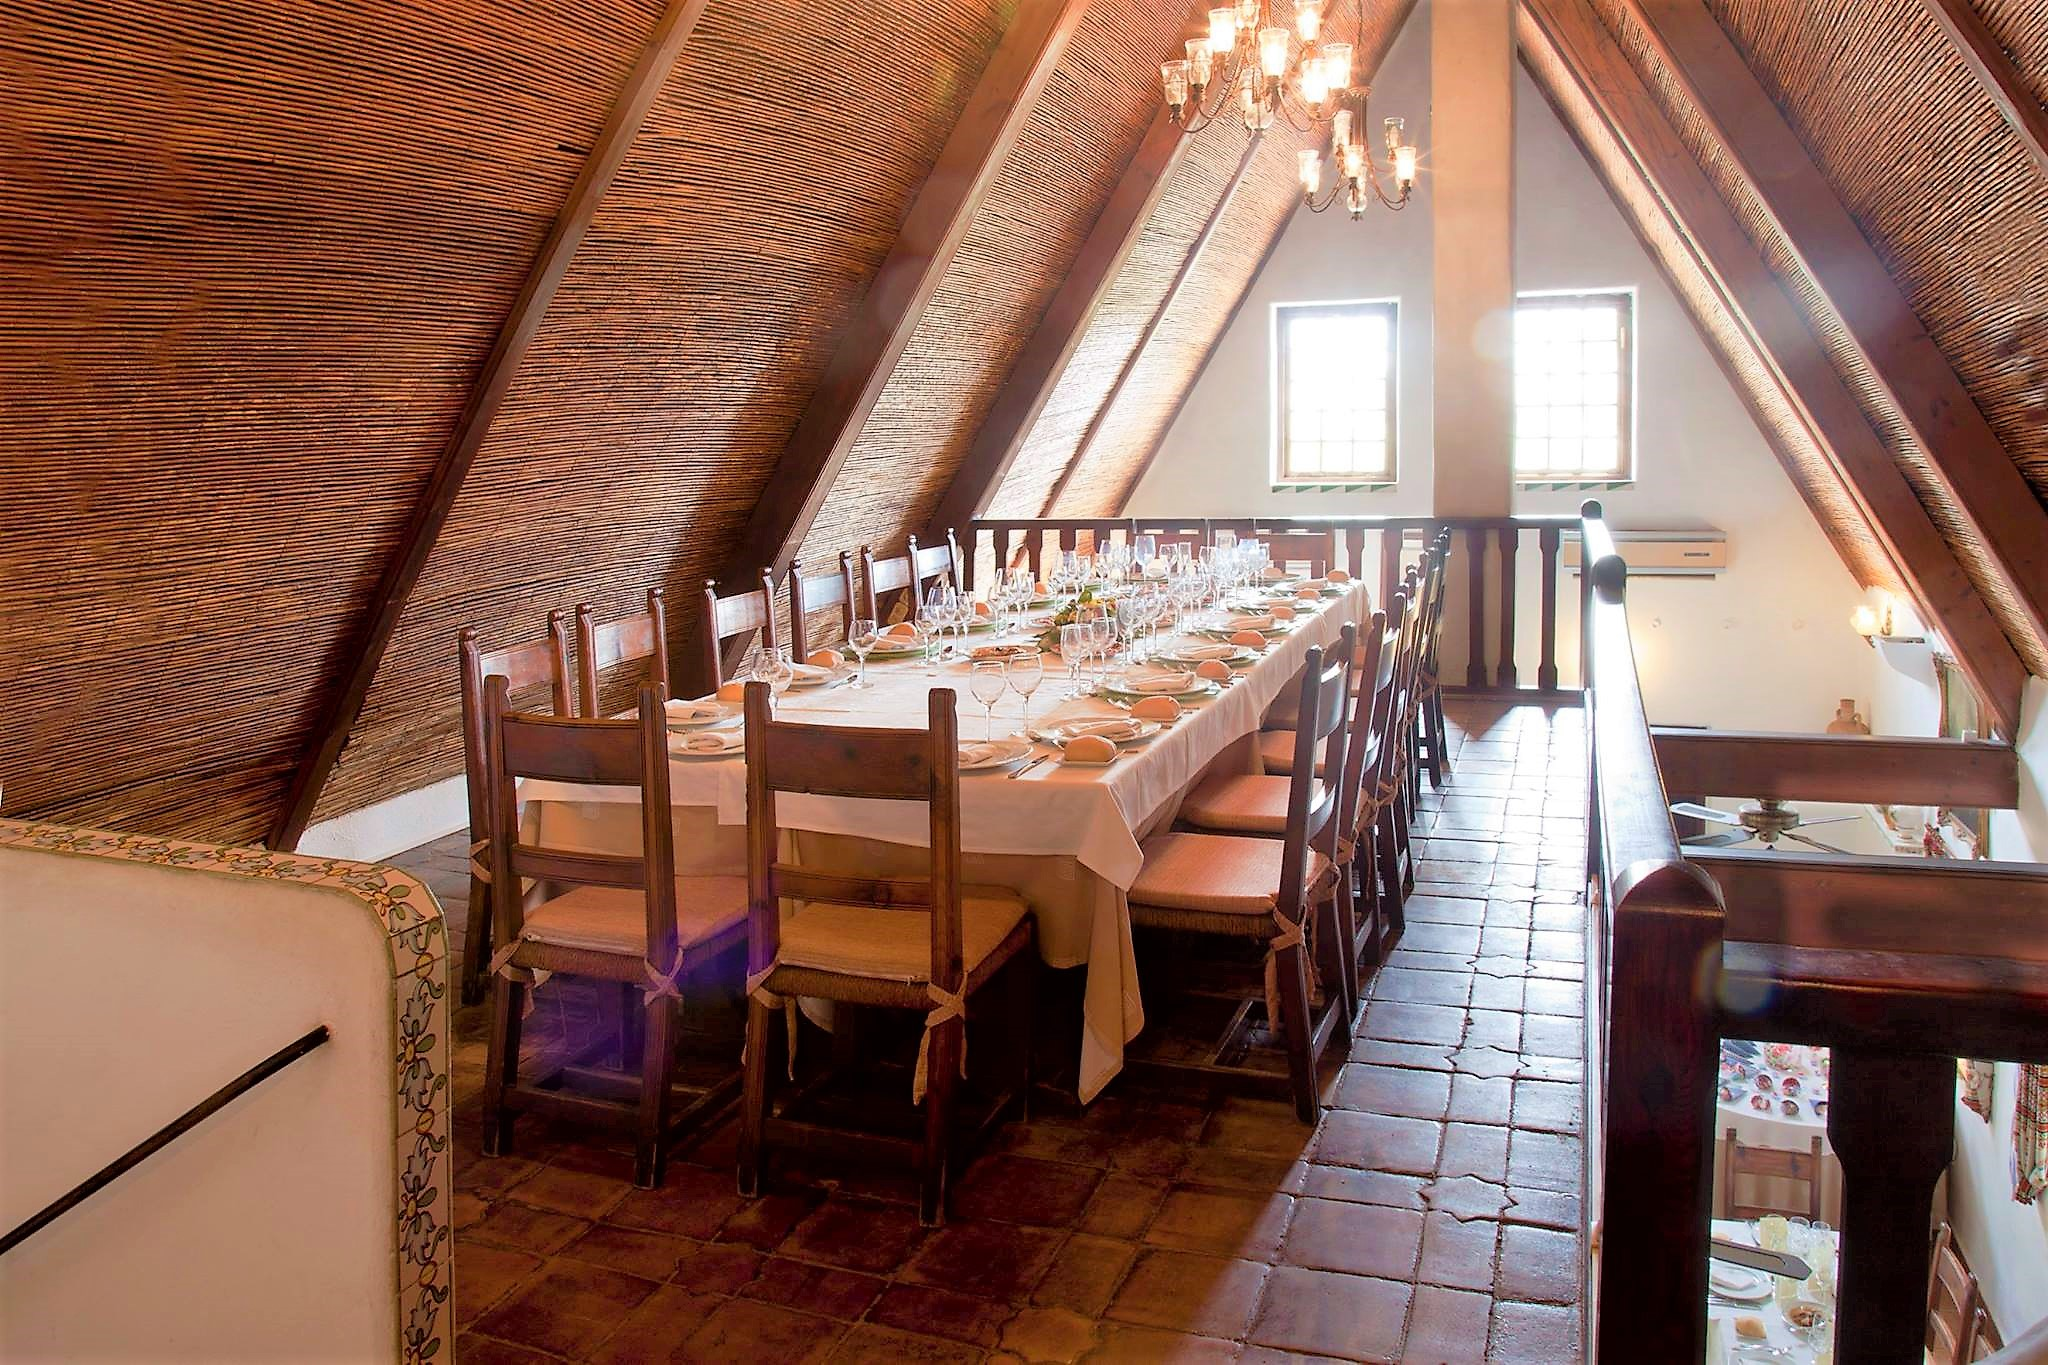 restaurante para reuniones de empresa en valencia - mesa